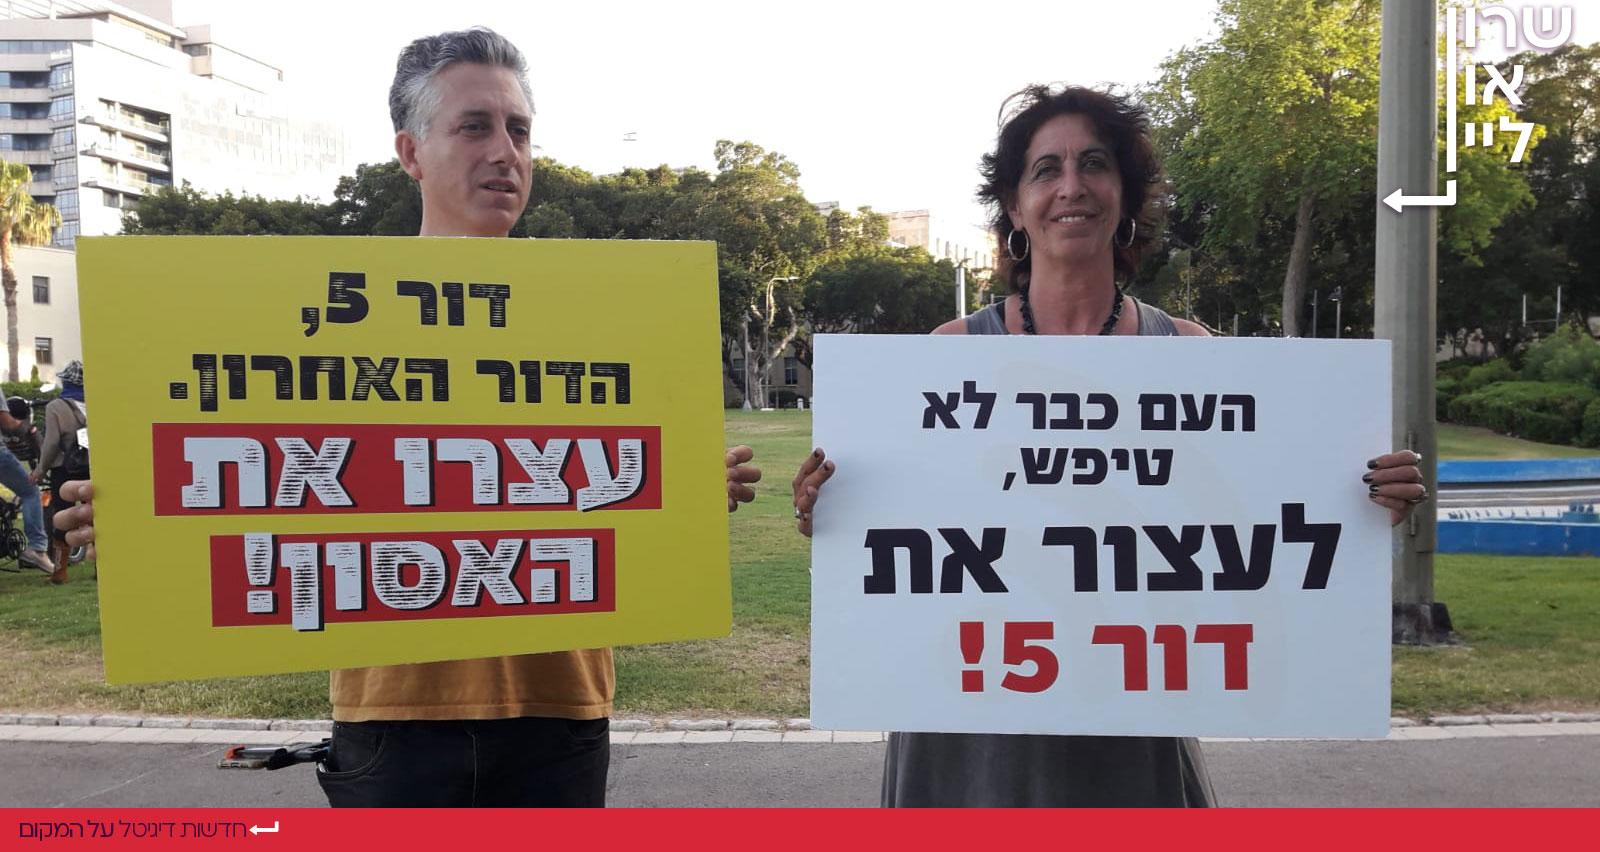 הפגנה נגד סלולר דור 5. העם כבר לא טיפש, לעצור את דור 5!